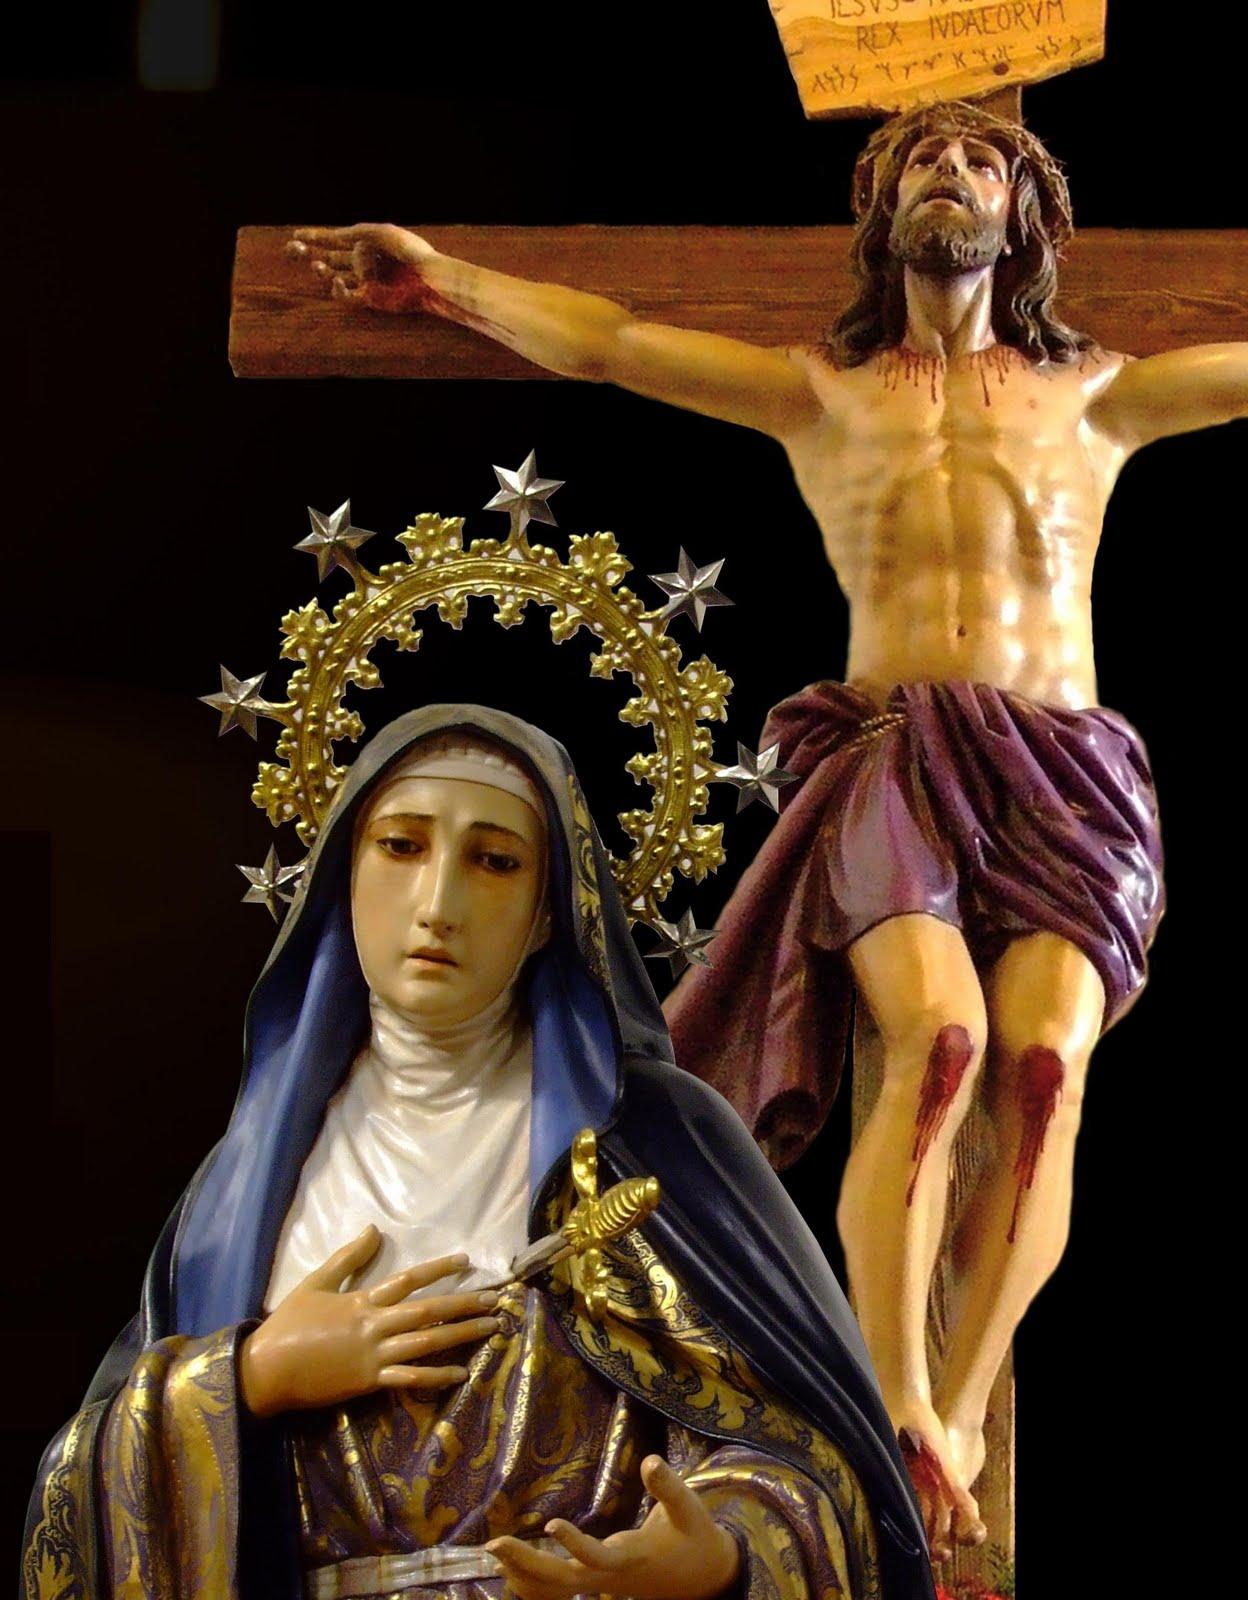 Los 7 Dolores de la Santísima Virgen María